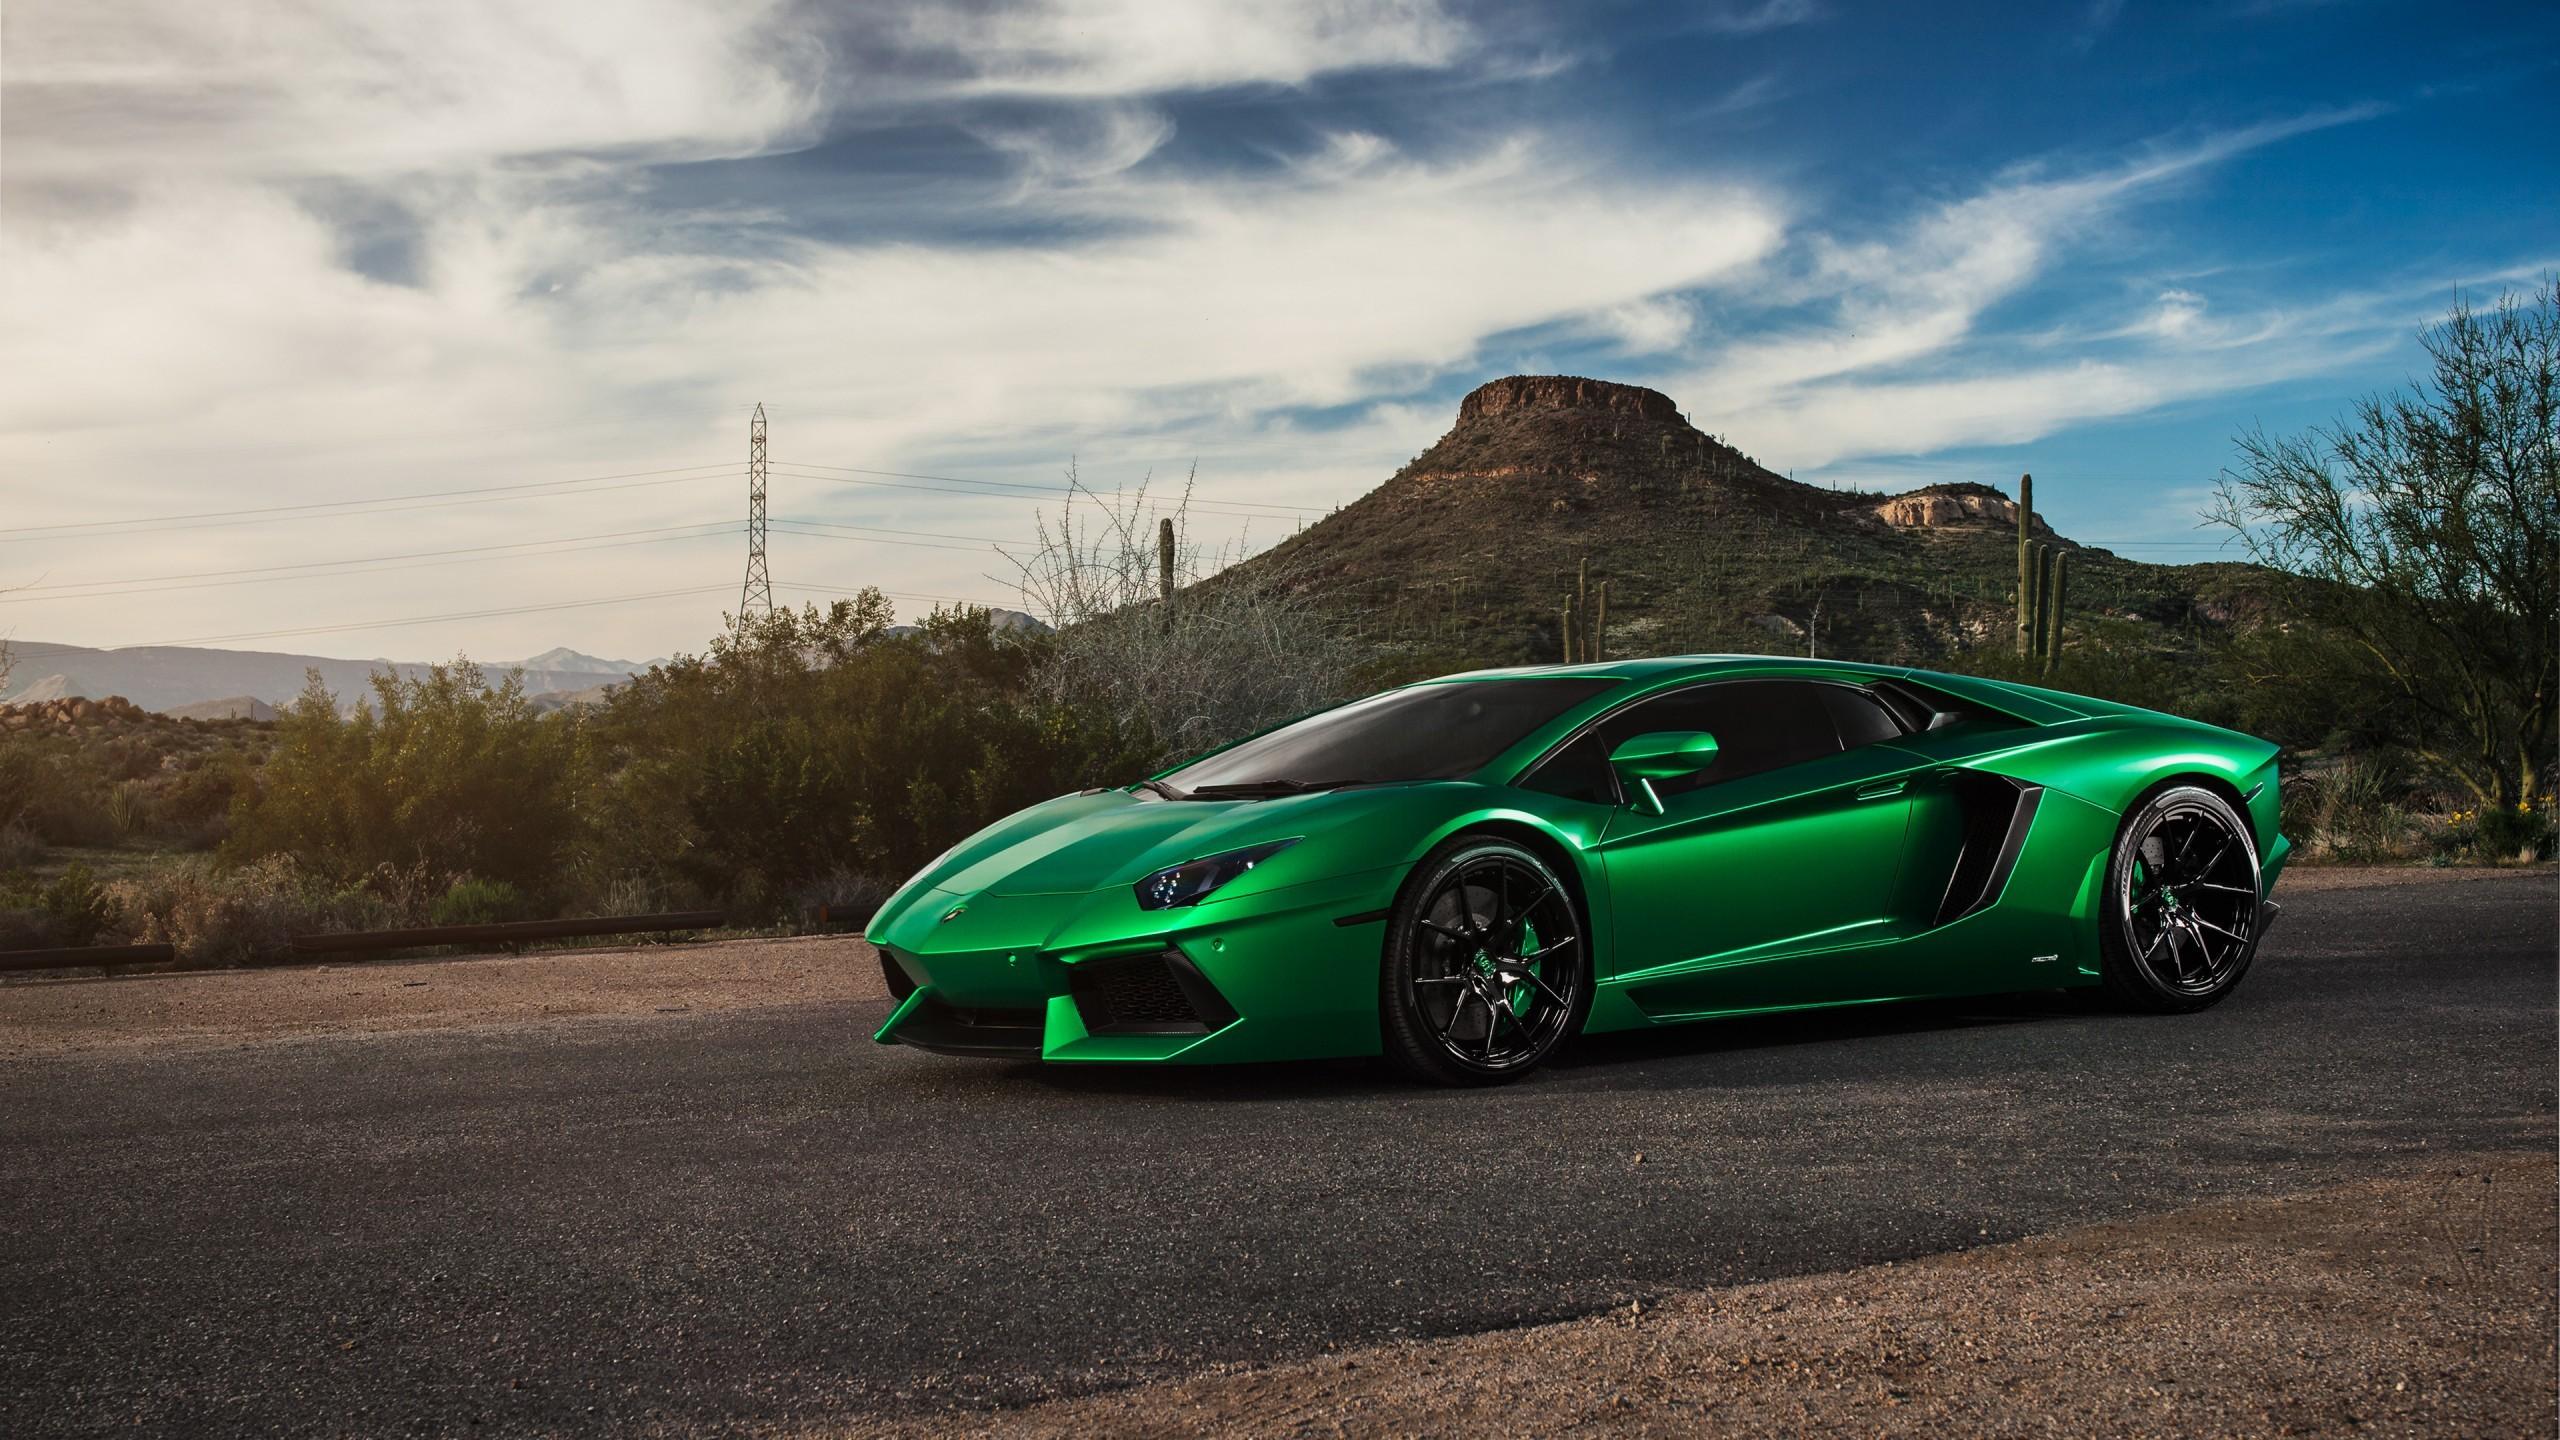 Automotive / Cars / Lamborghini Aventador Wallpaper. Lamborghini Aventador,  4K, Carbon Fiber